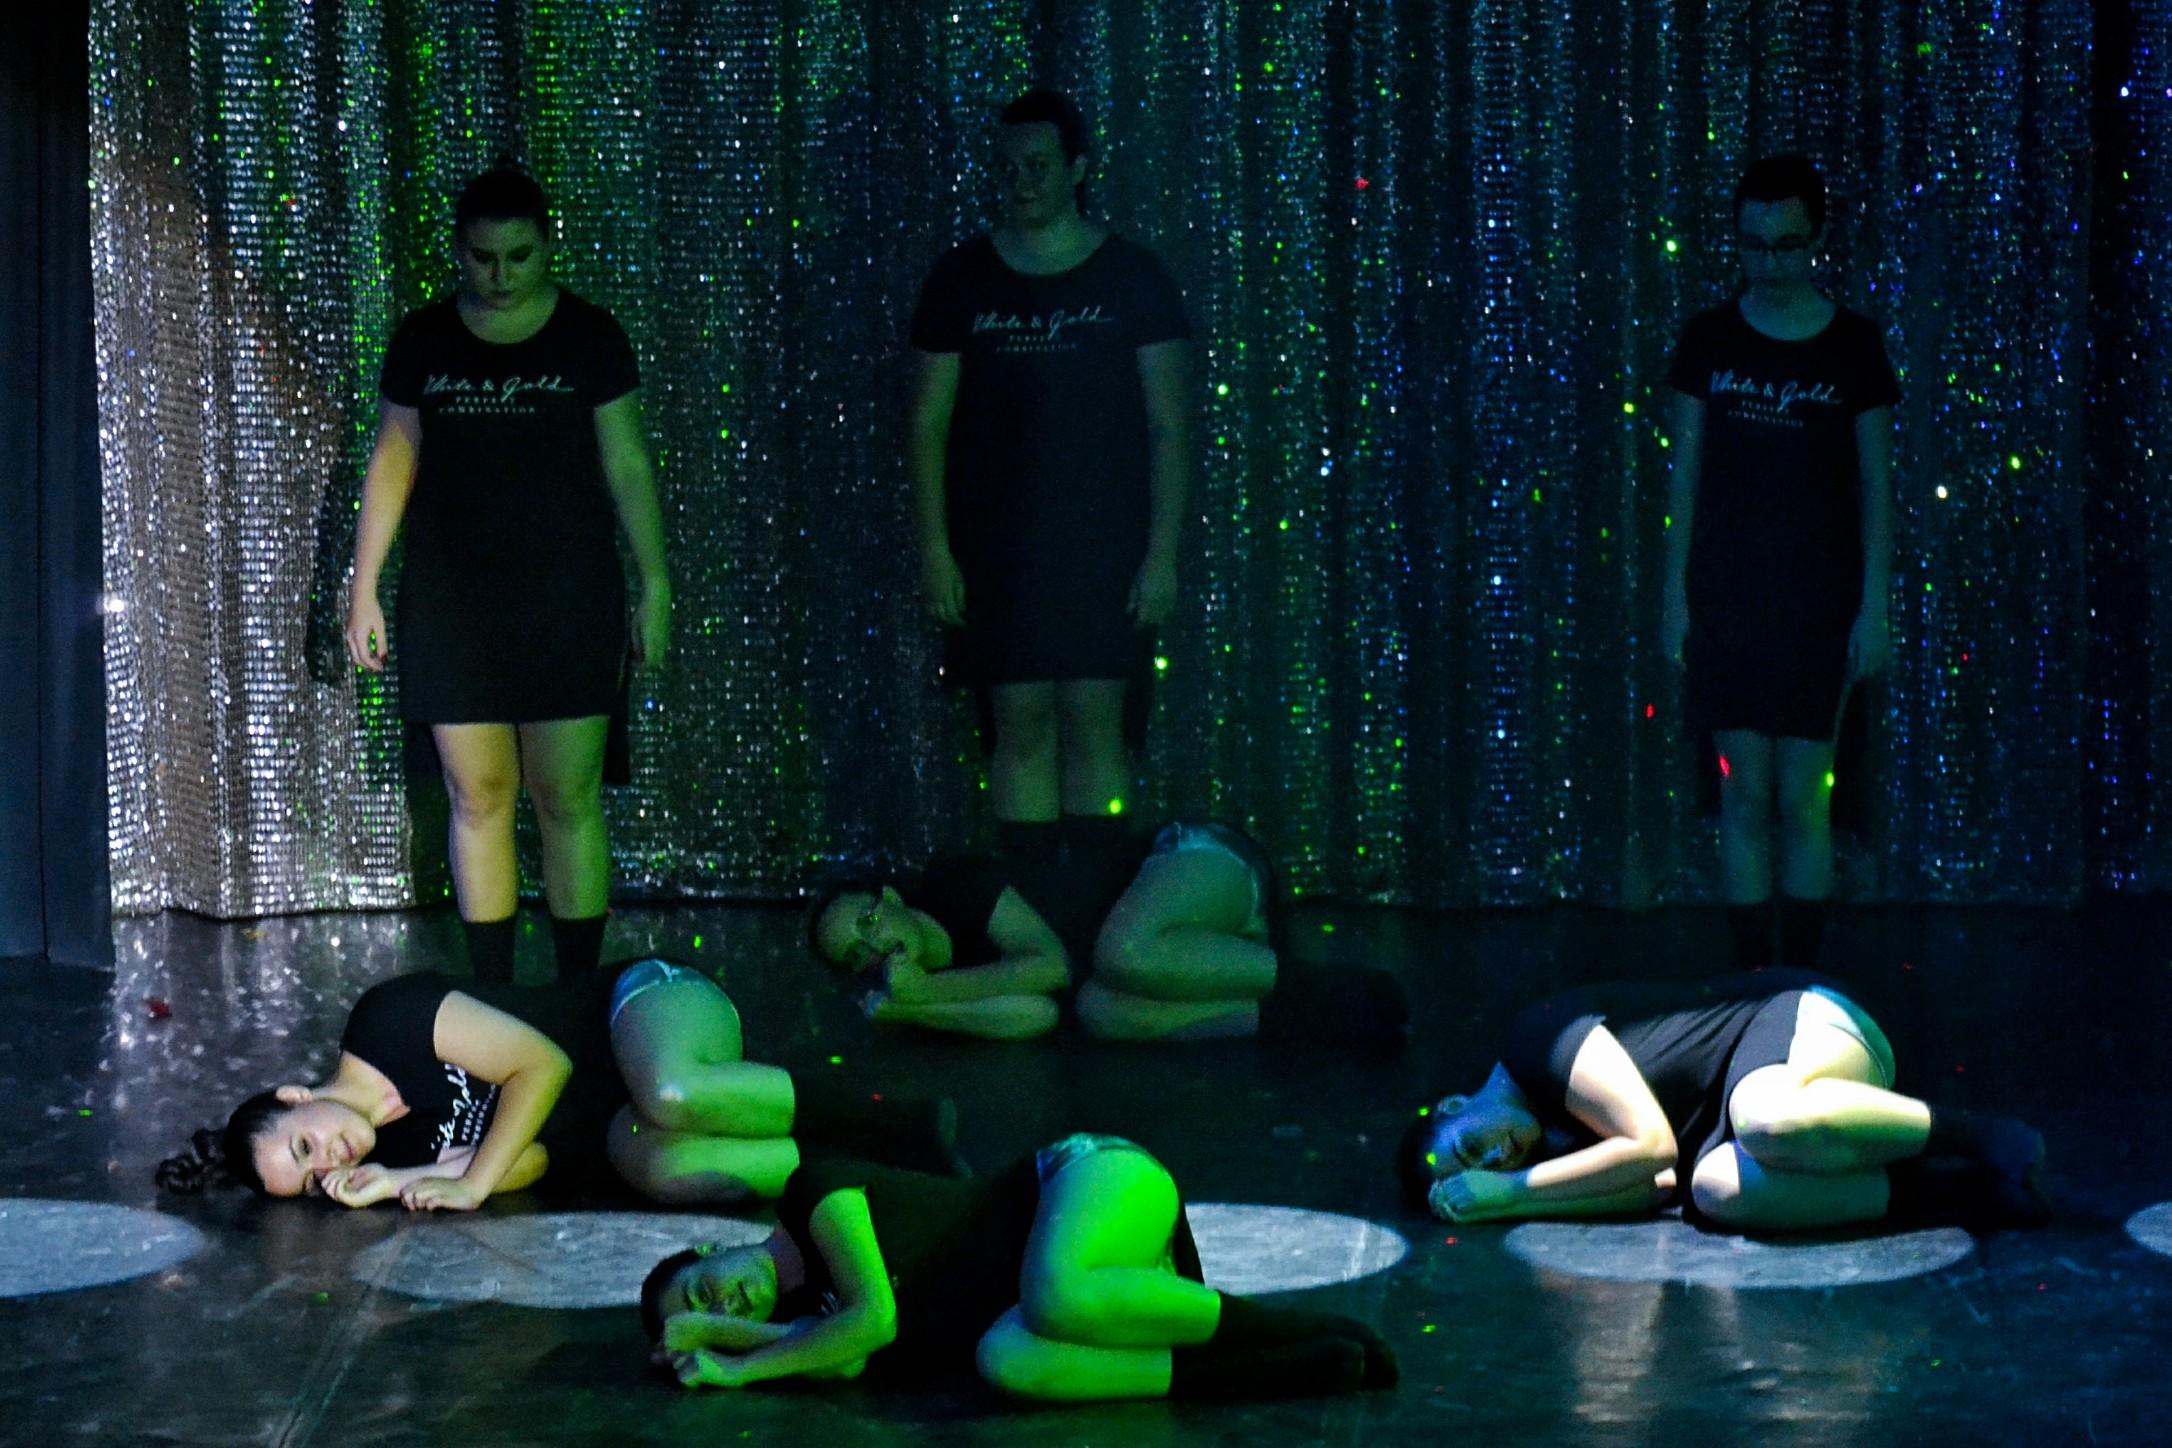 Linea-de-Baile-festival-verano-2015-clases-de-baile-valencia-94